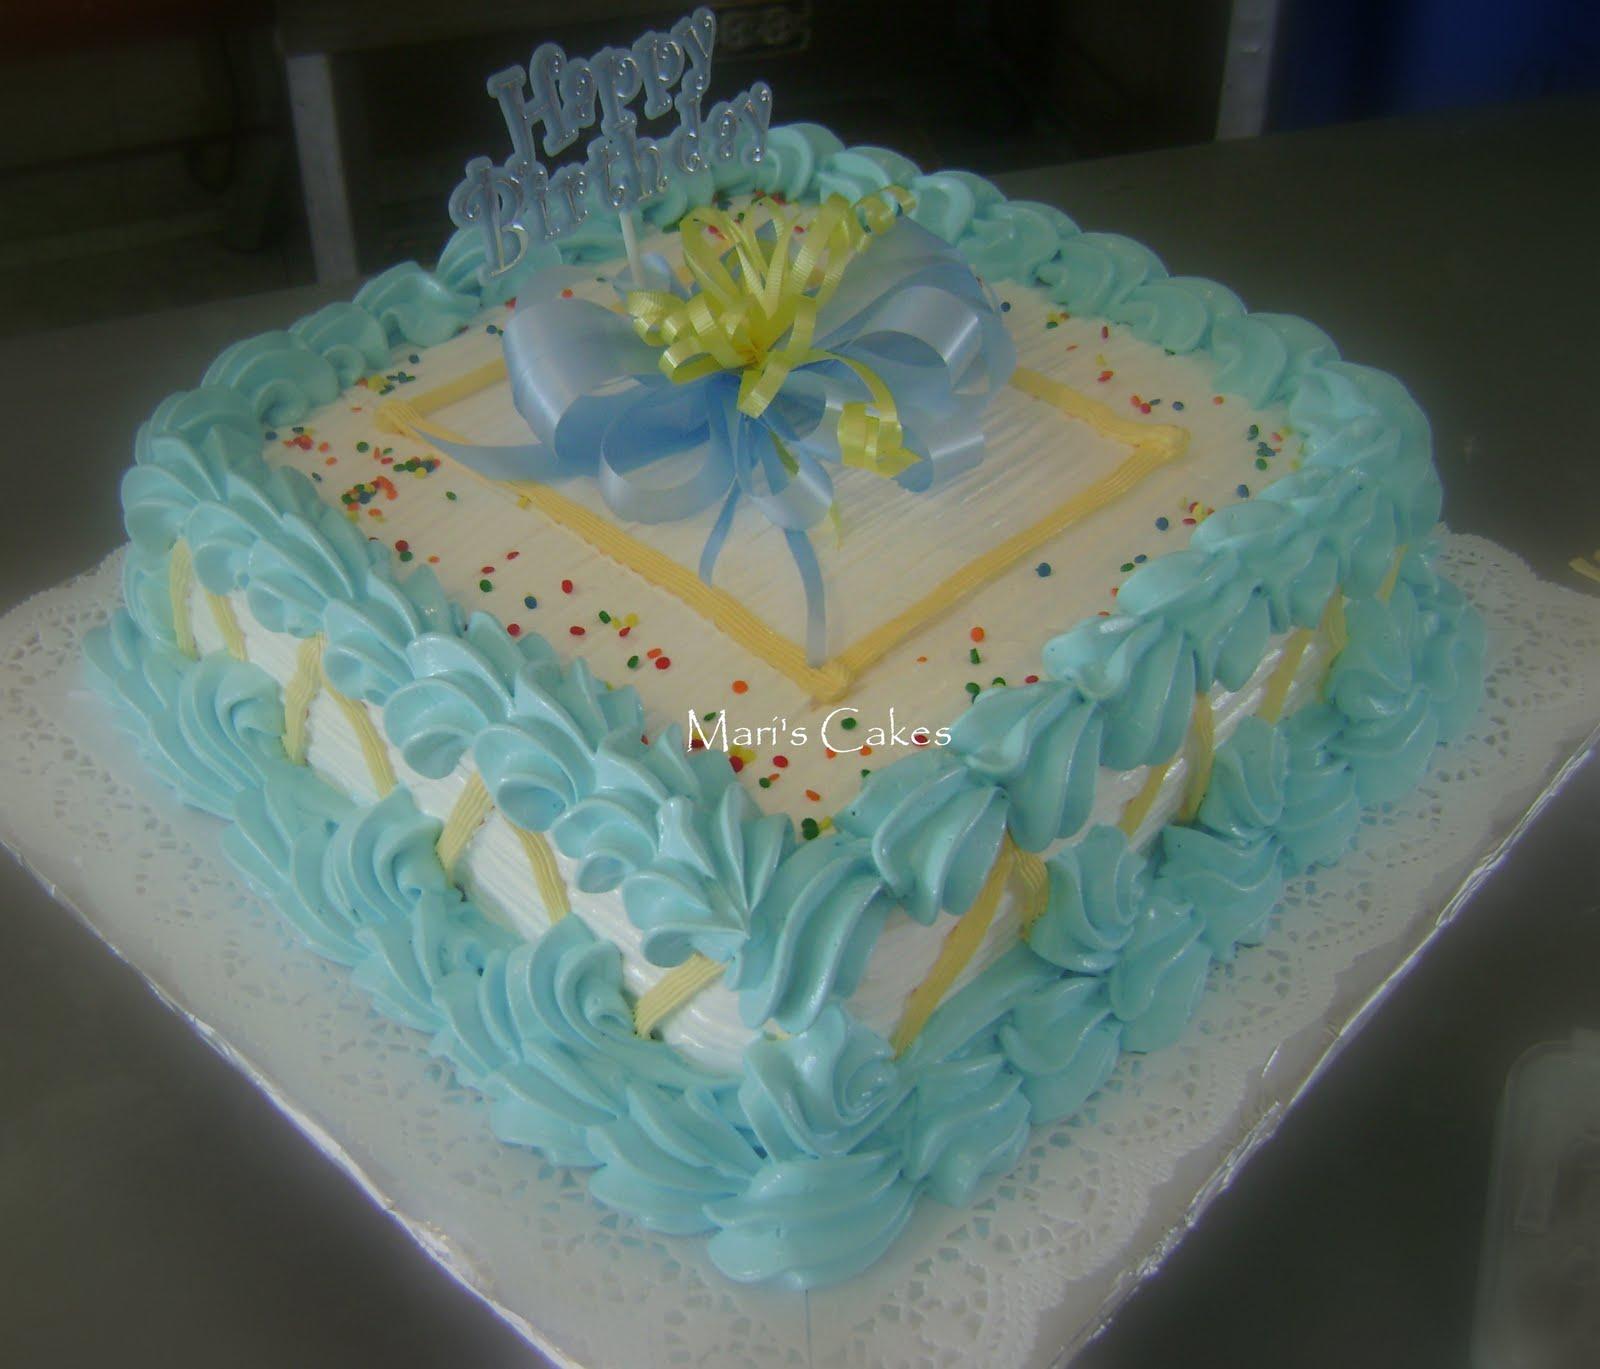 Suspiro dominican frosting or meringue mari 39 s cakes - Bizcochos de cumpleanos para ninos ...